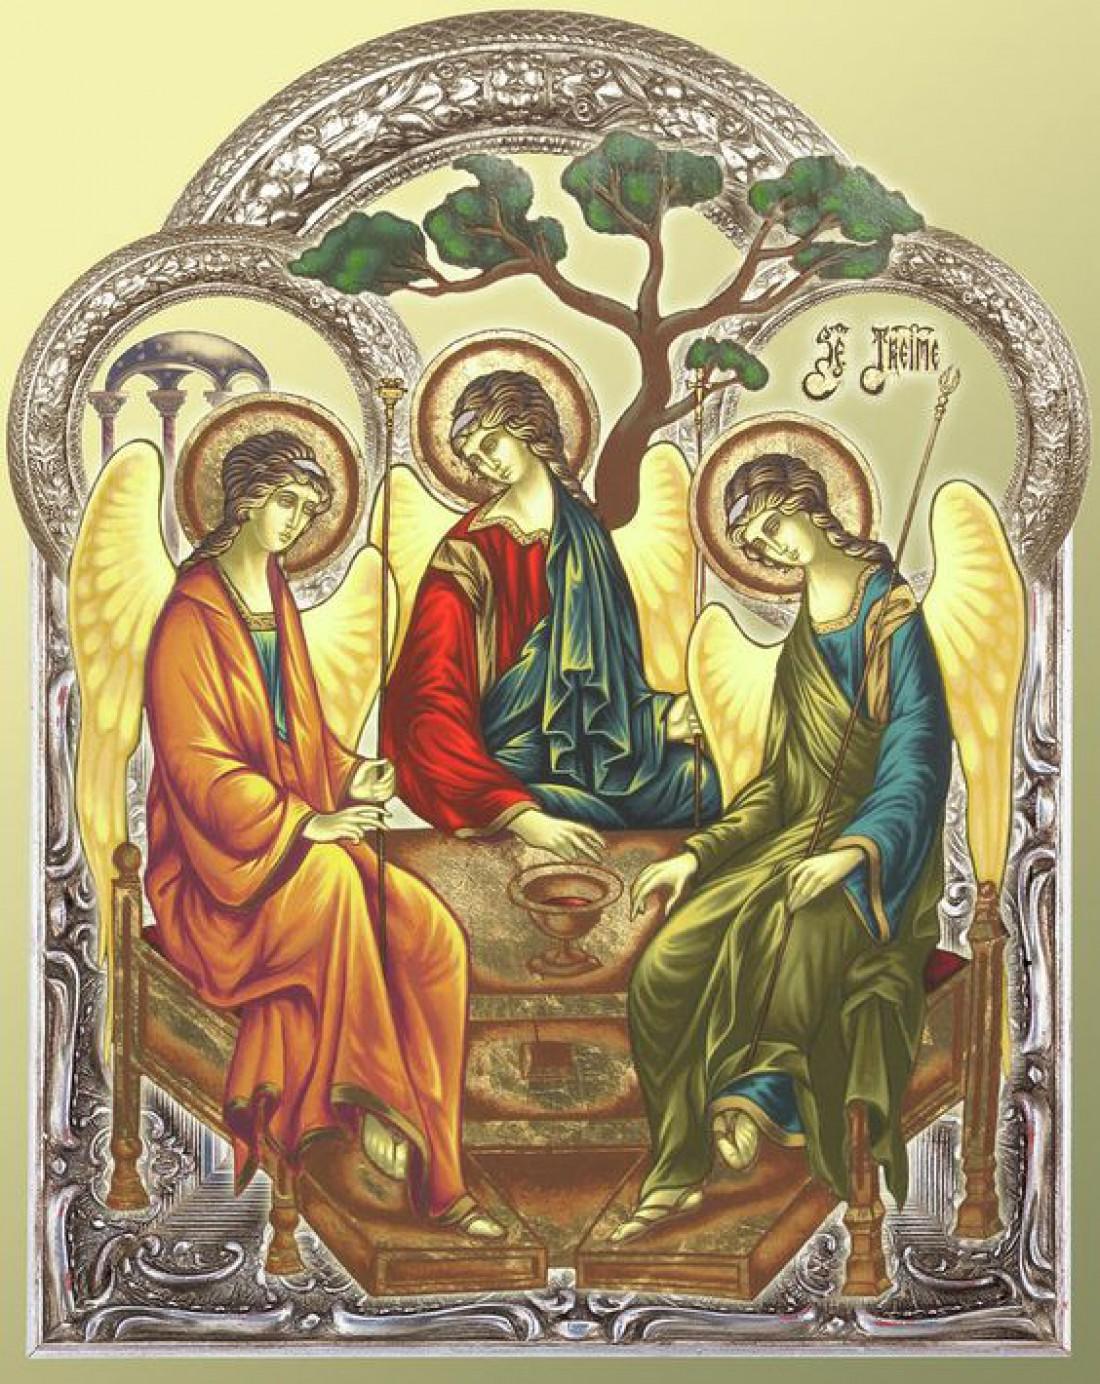 Троица 2020 у православных и католиков: даты праздника